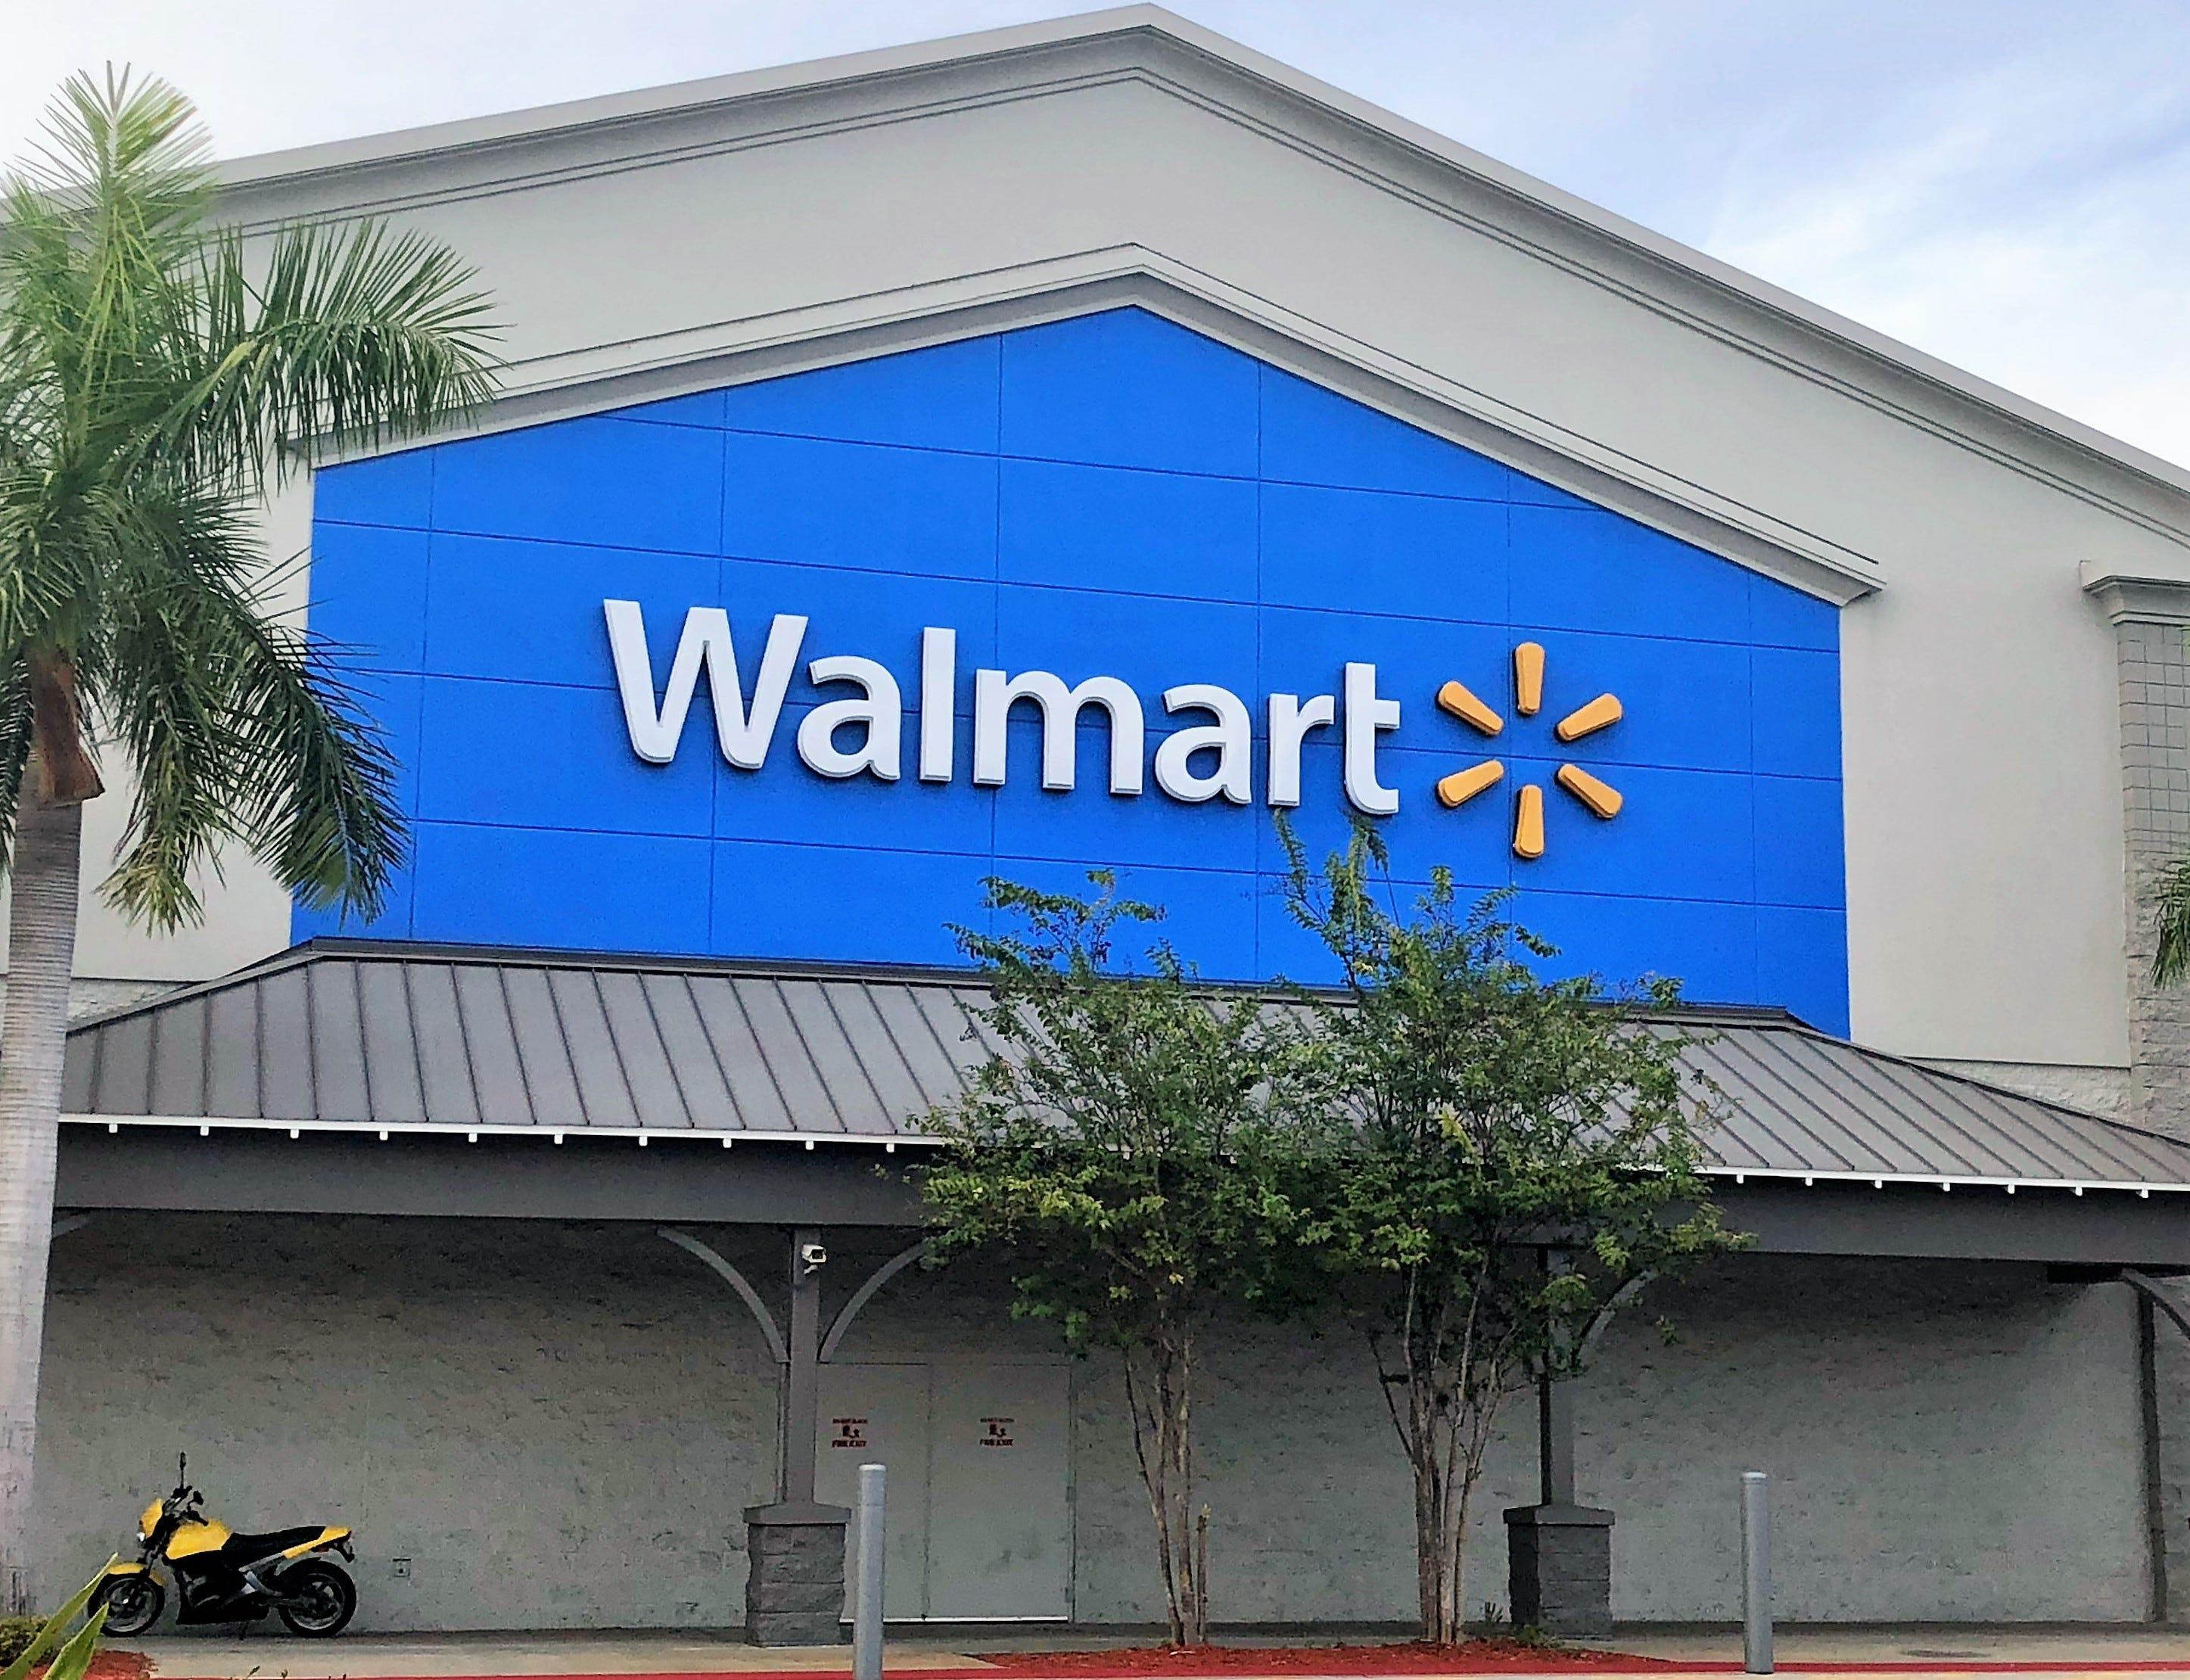 Walmart (WMT) Stock is Still Dancing Around $140 Mark